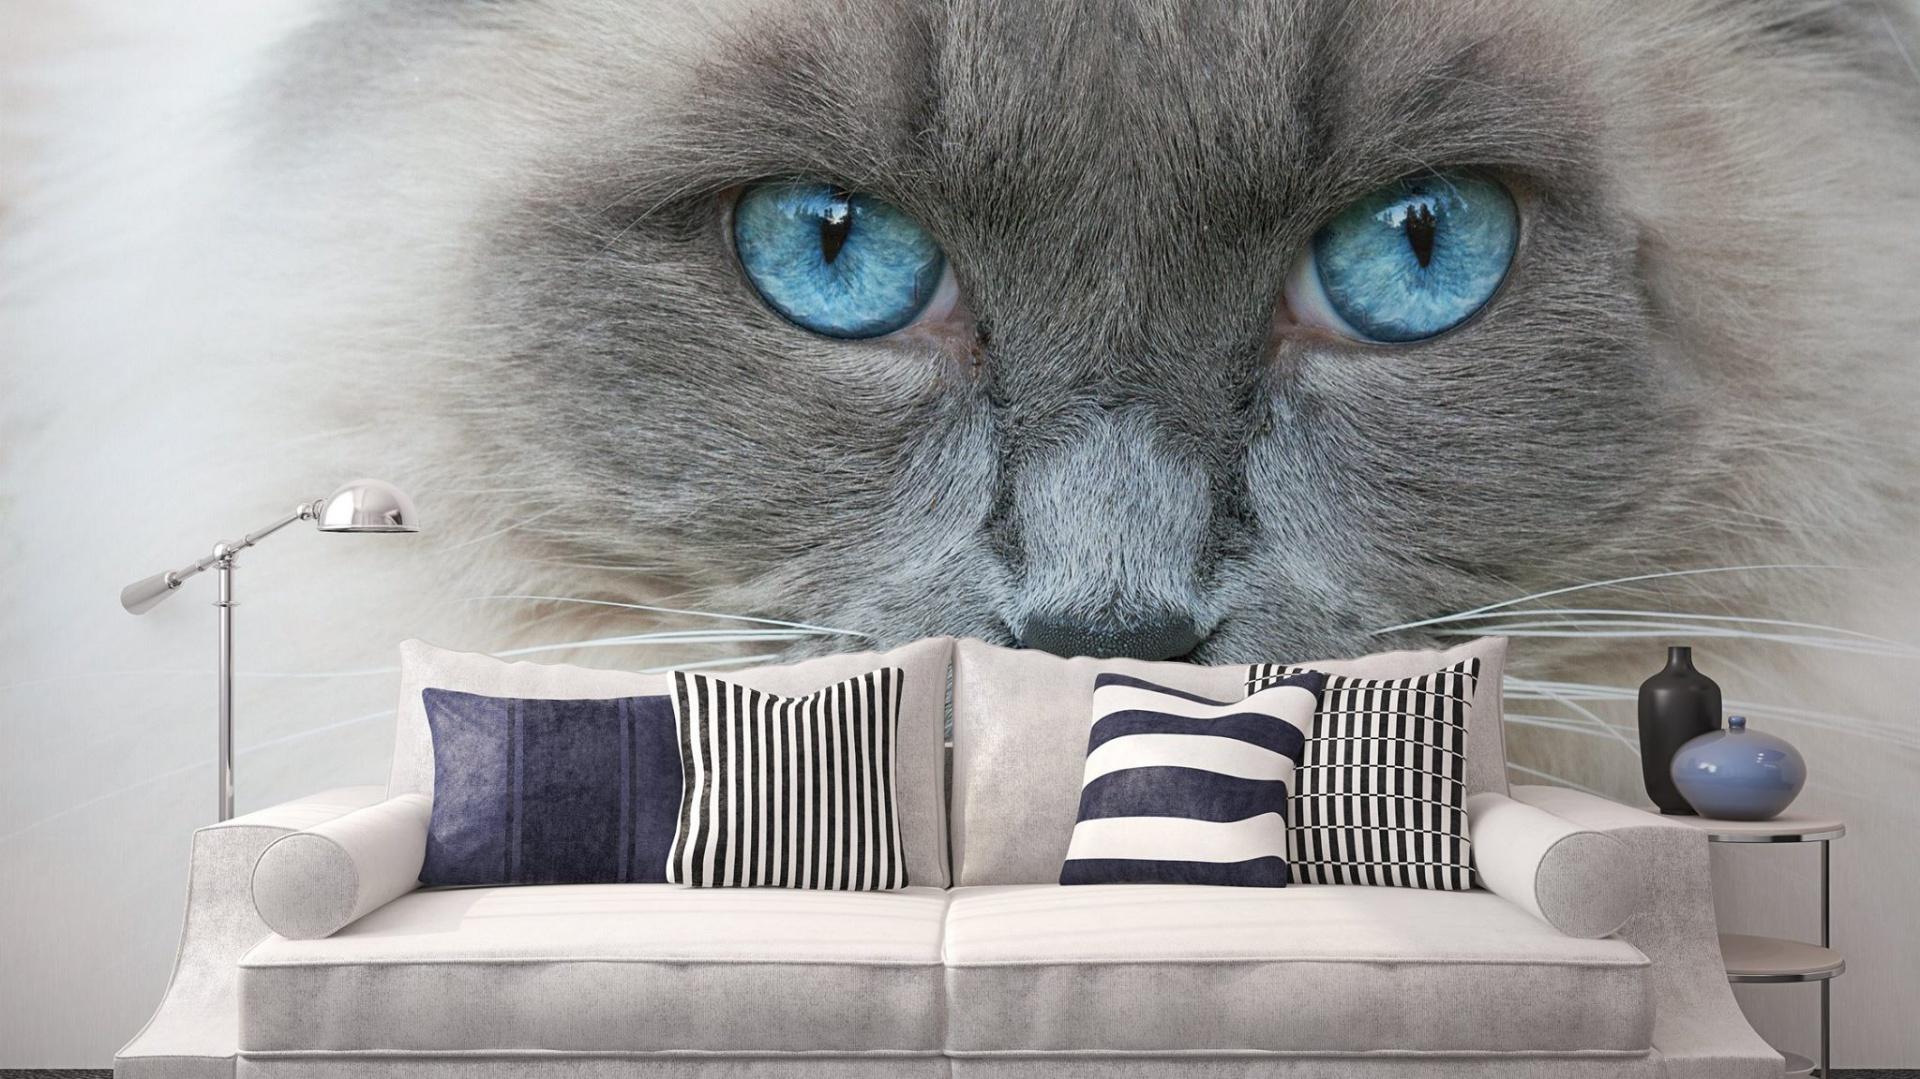 Dekorując ścianę w salonie fototapetą możemy sprawić, że będzie na nas z niej spoglądał... kot o niebieskich oczach. Fot. Minka